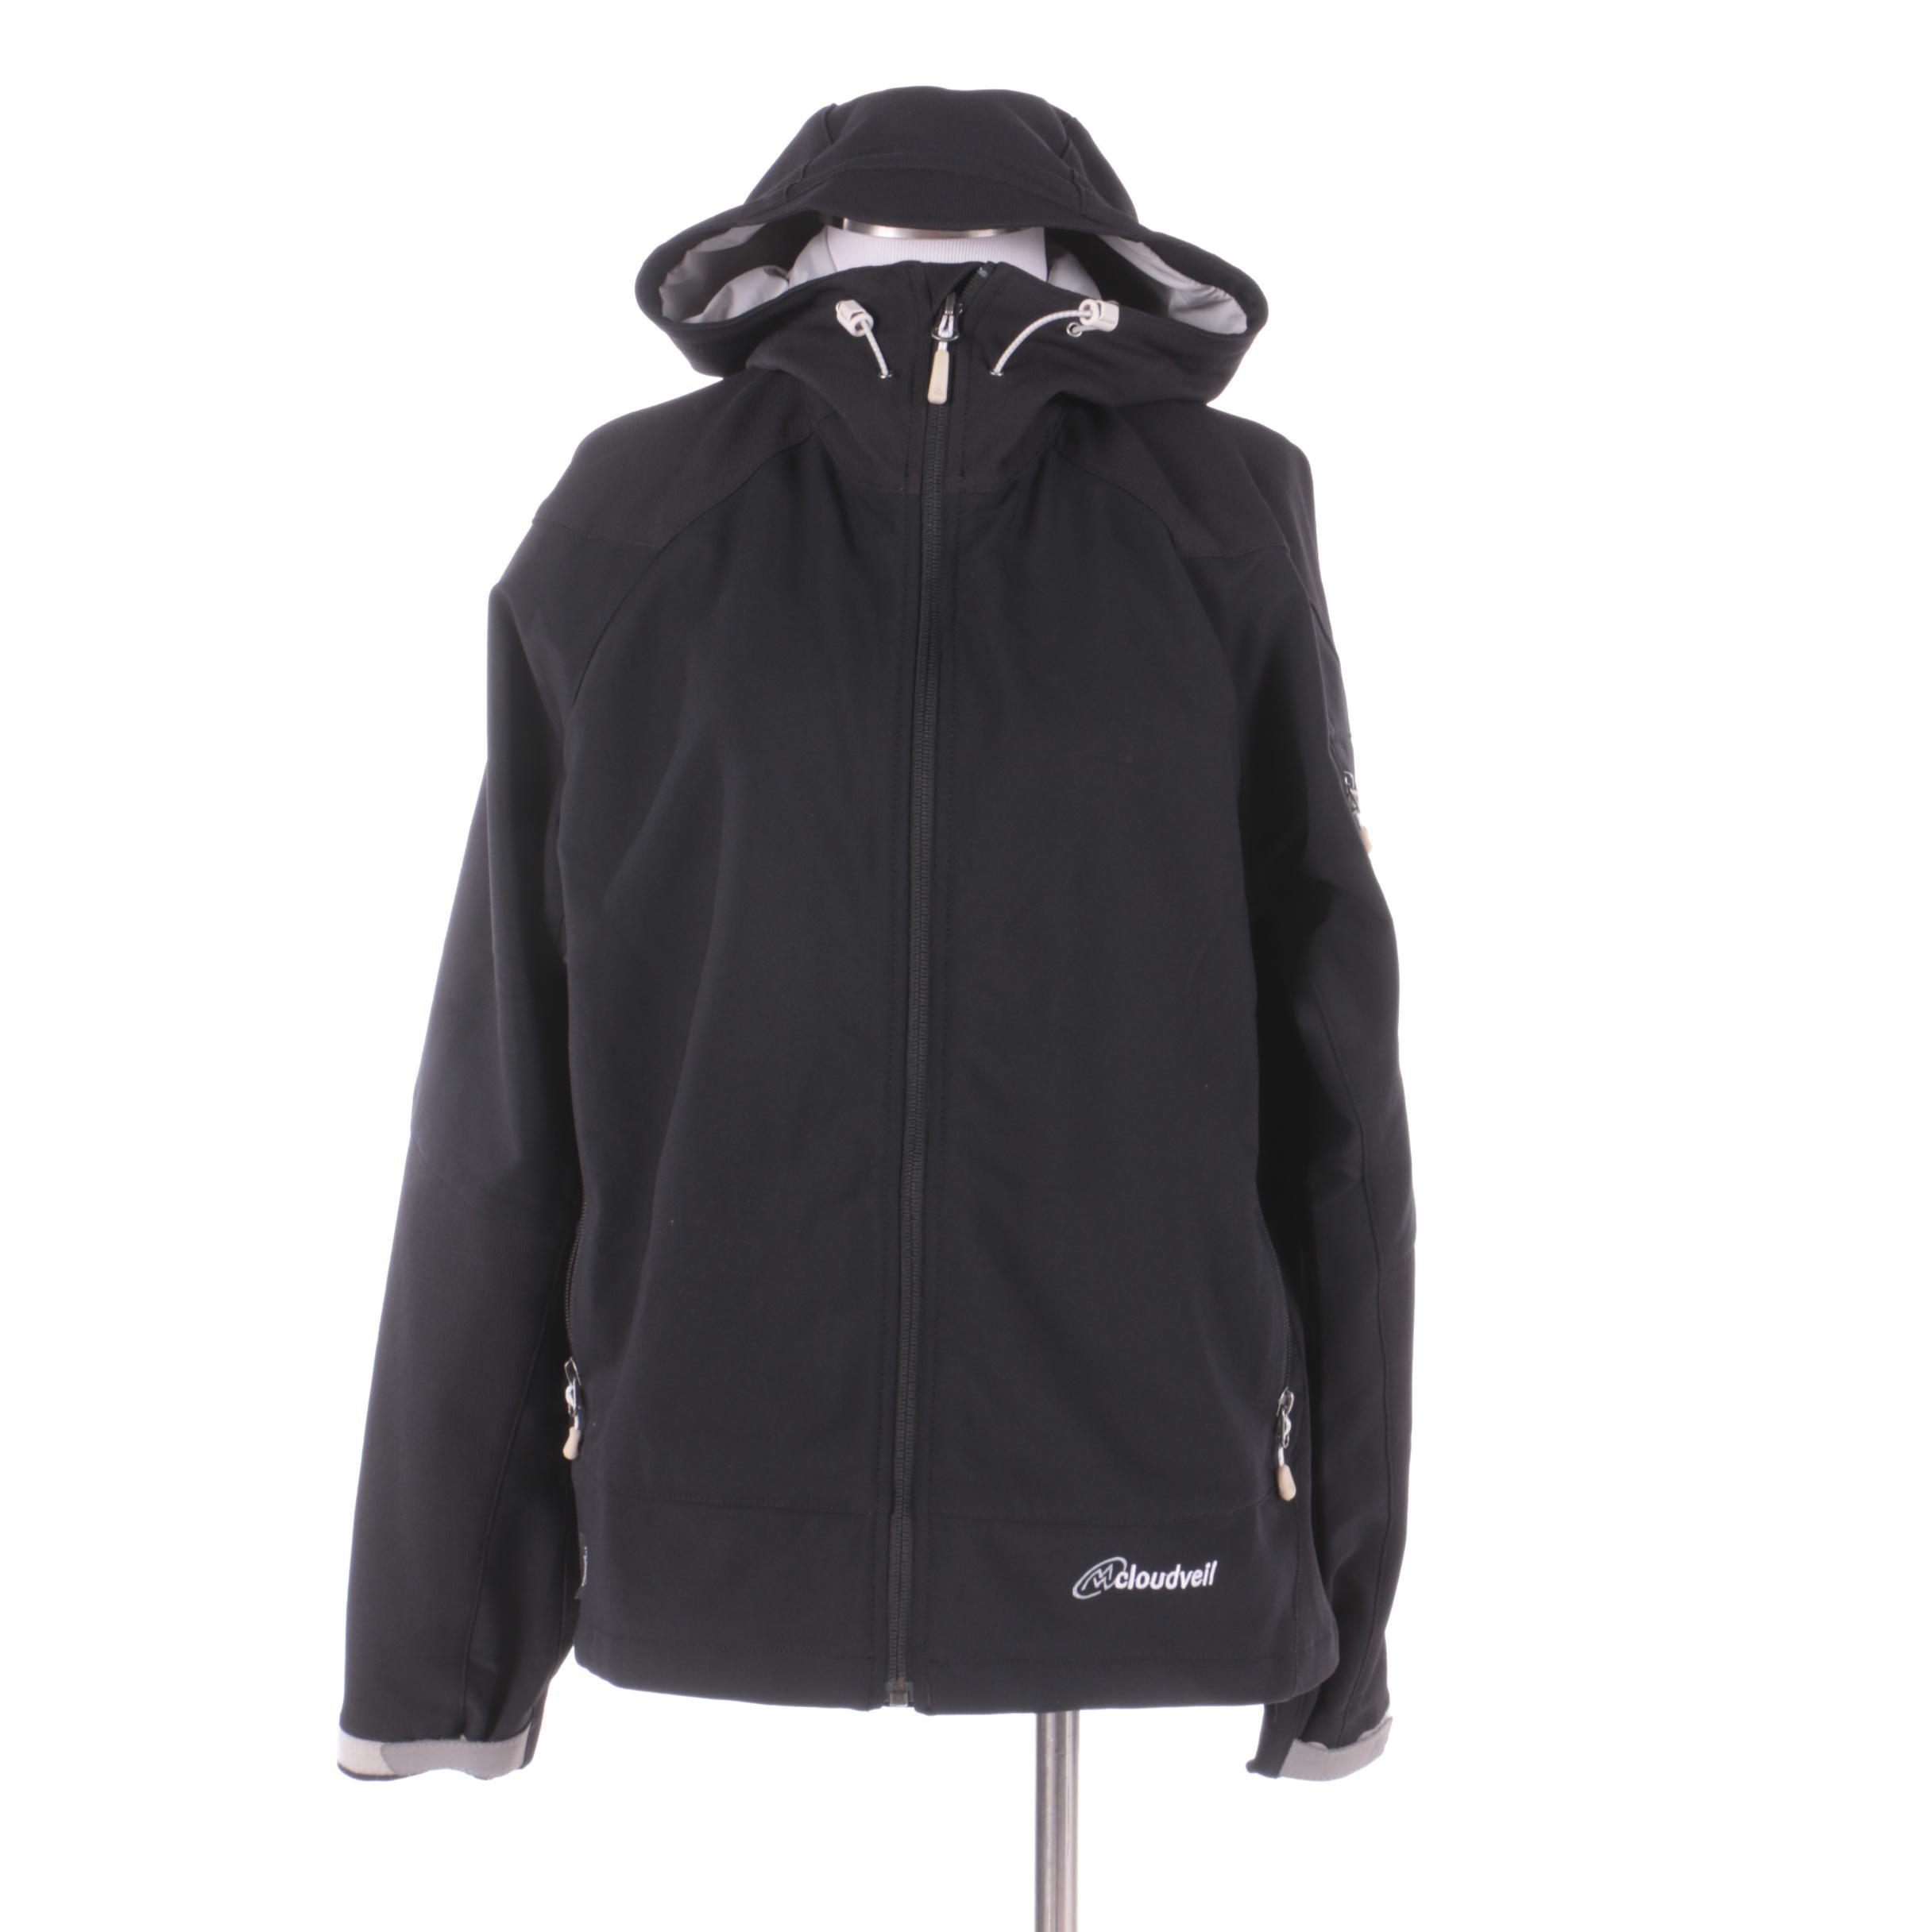 Women's Cloudveil Black Hooded Jacket